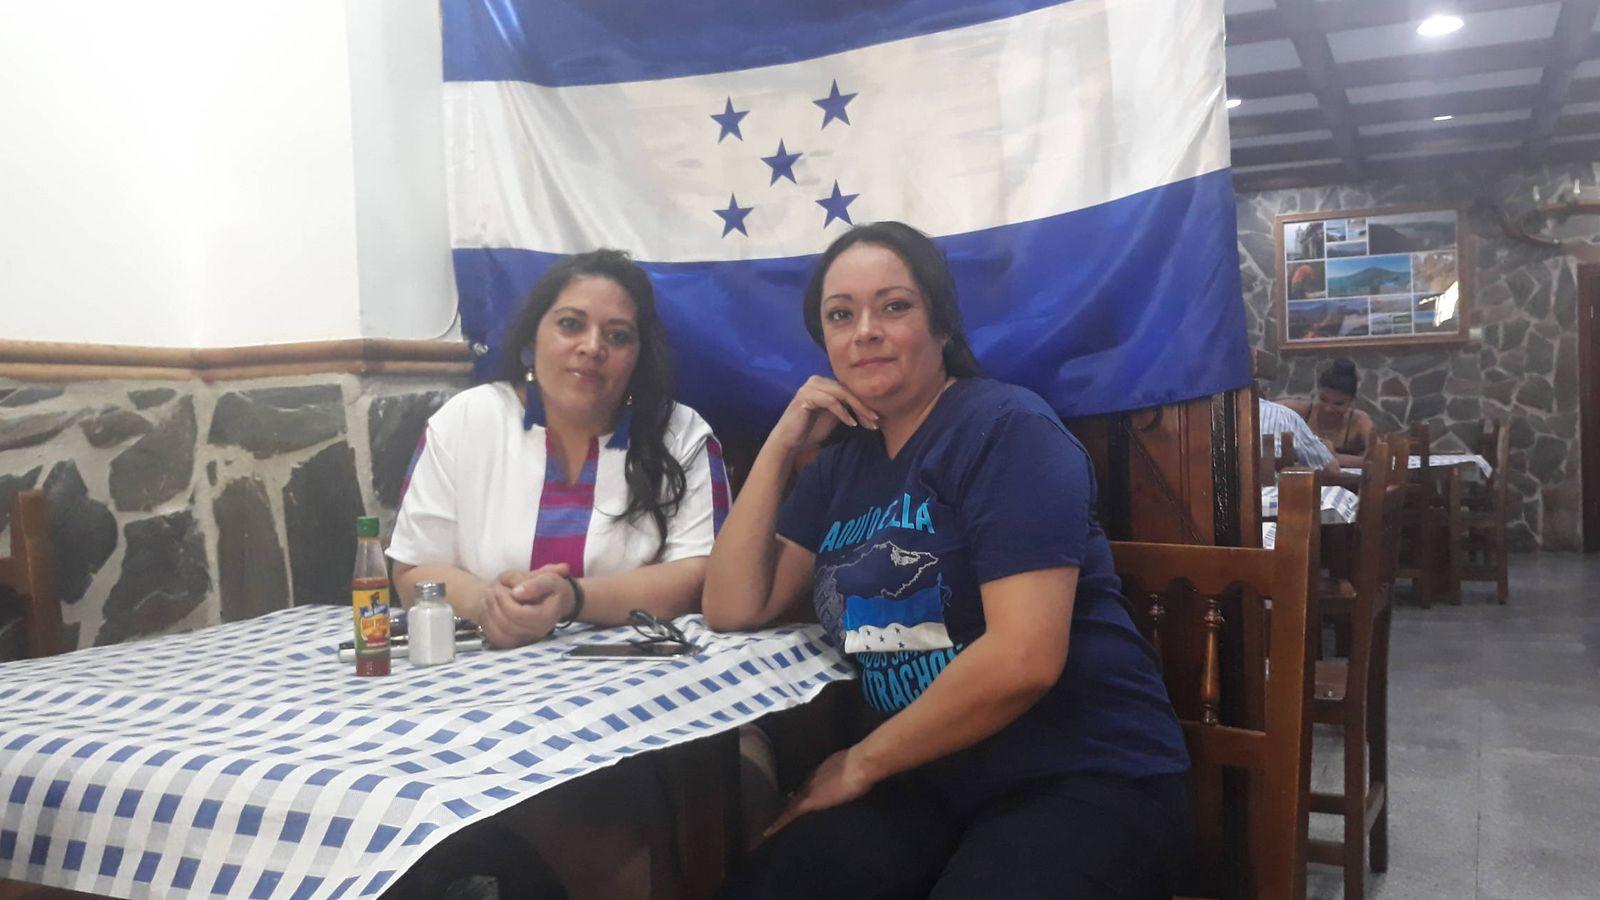 Foto: Las hondureñas Jakelyn y Lincy, en un restaurante en Madrid. (D. B.)